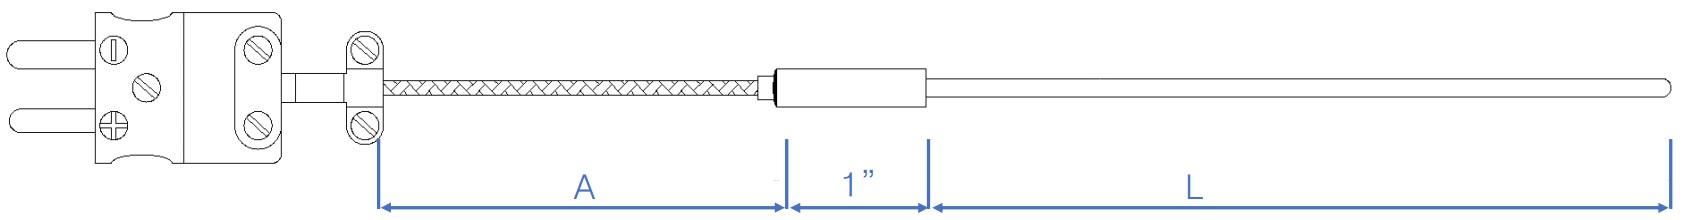 Ht Ordering Information Temperature Sensor Rtd Sensor